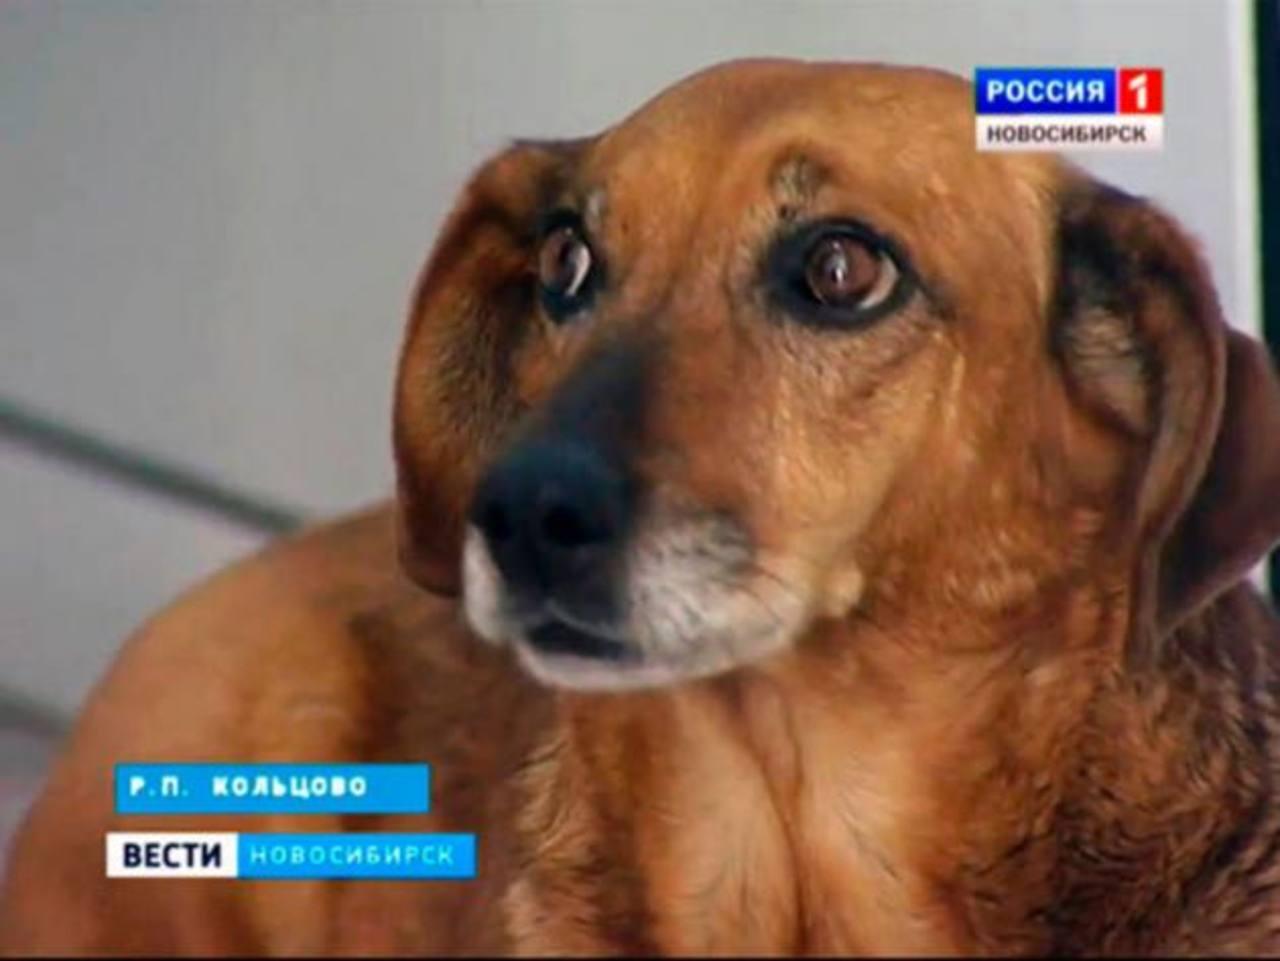 Tras un año, perro espera en hospital a su dueño quien ya falleció